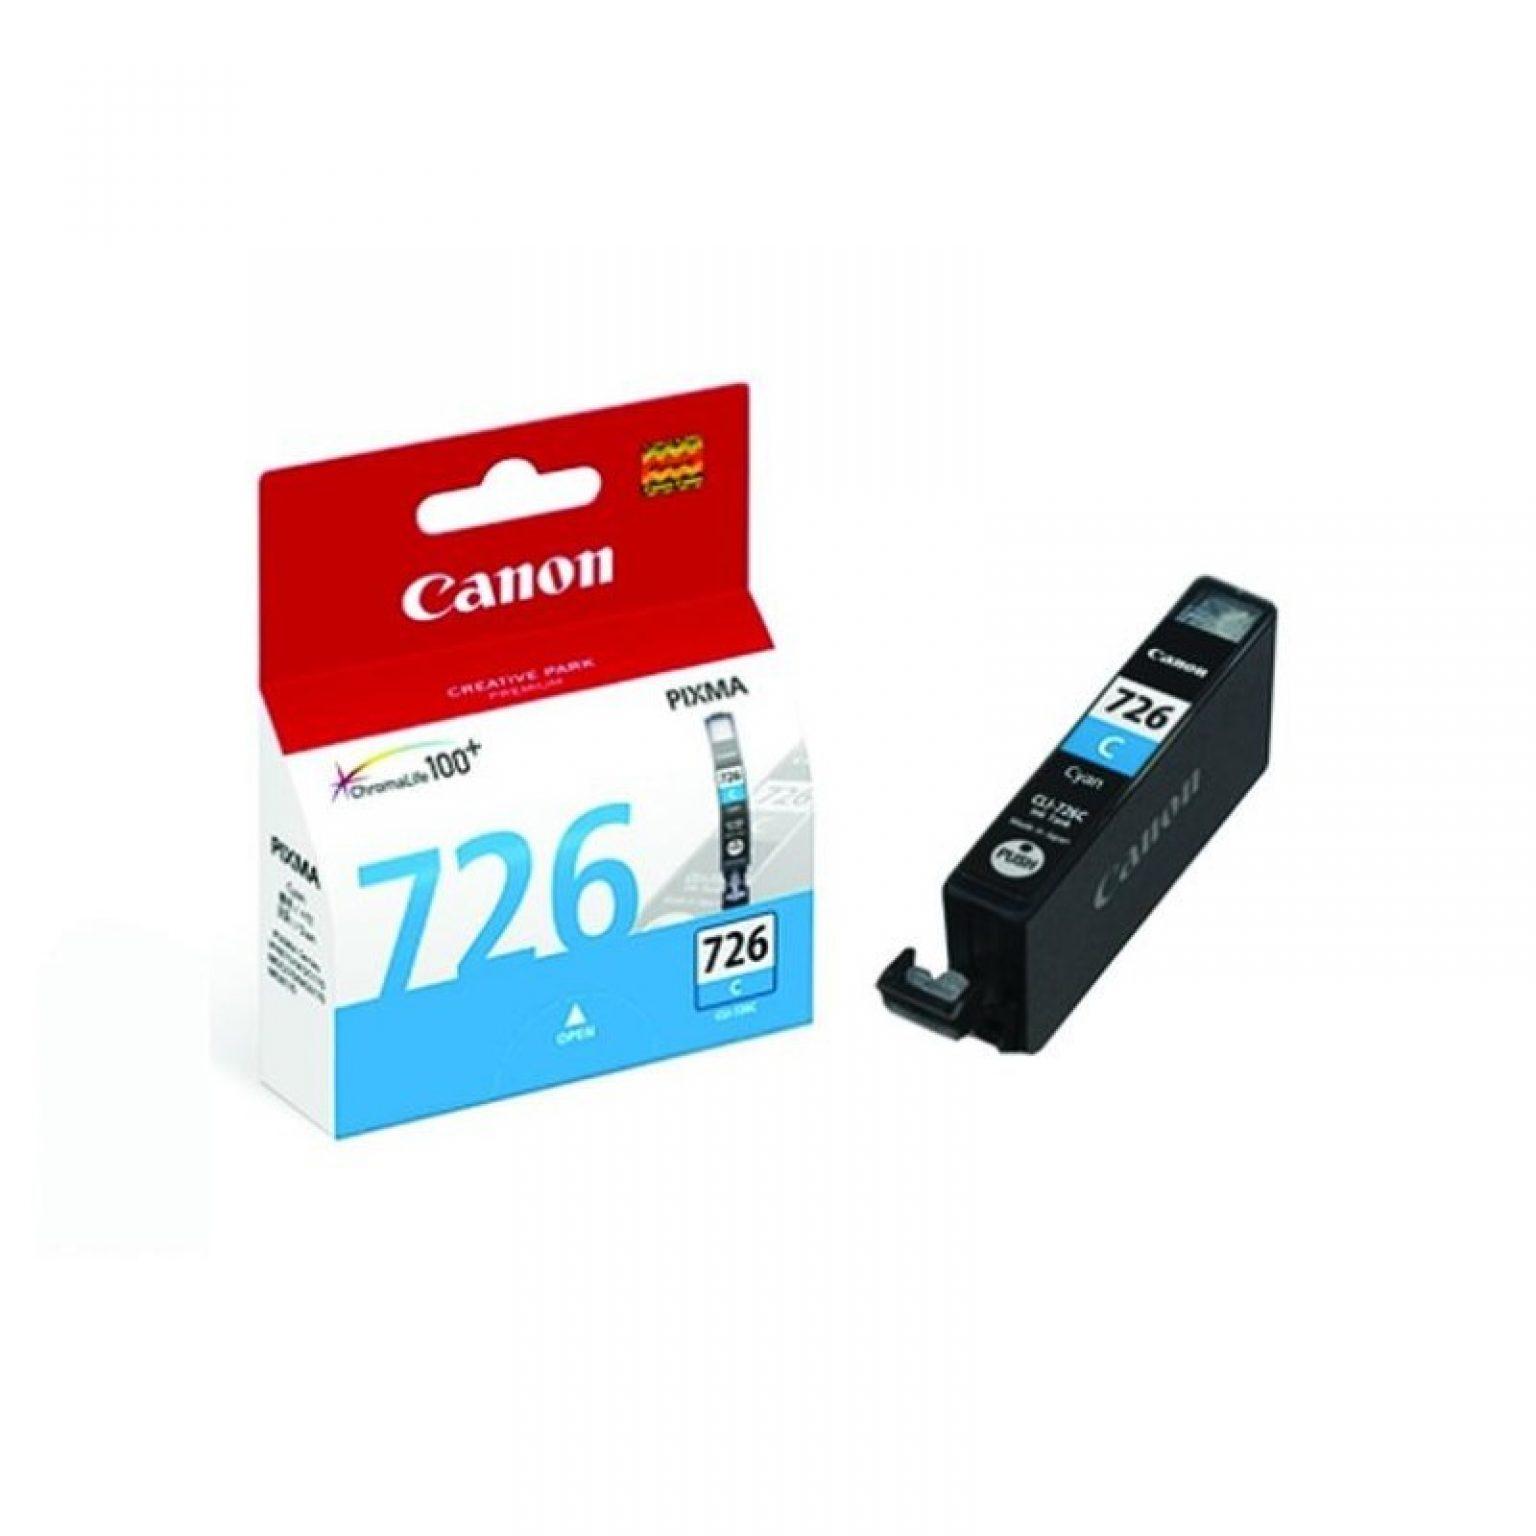 CANON - Ink Cartridge CLI-726 Cyan [CLI-726 C]